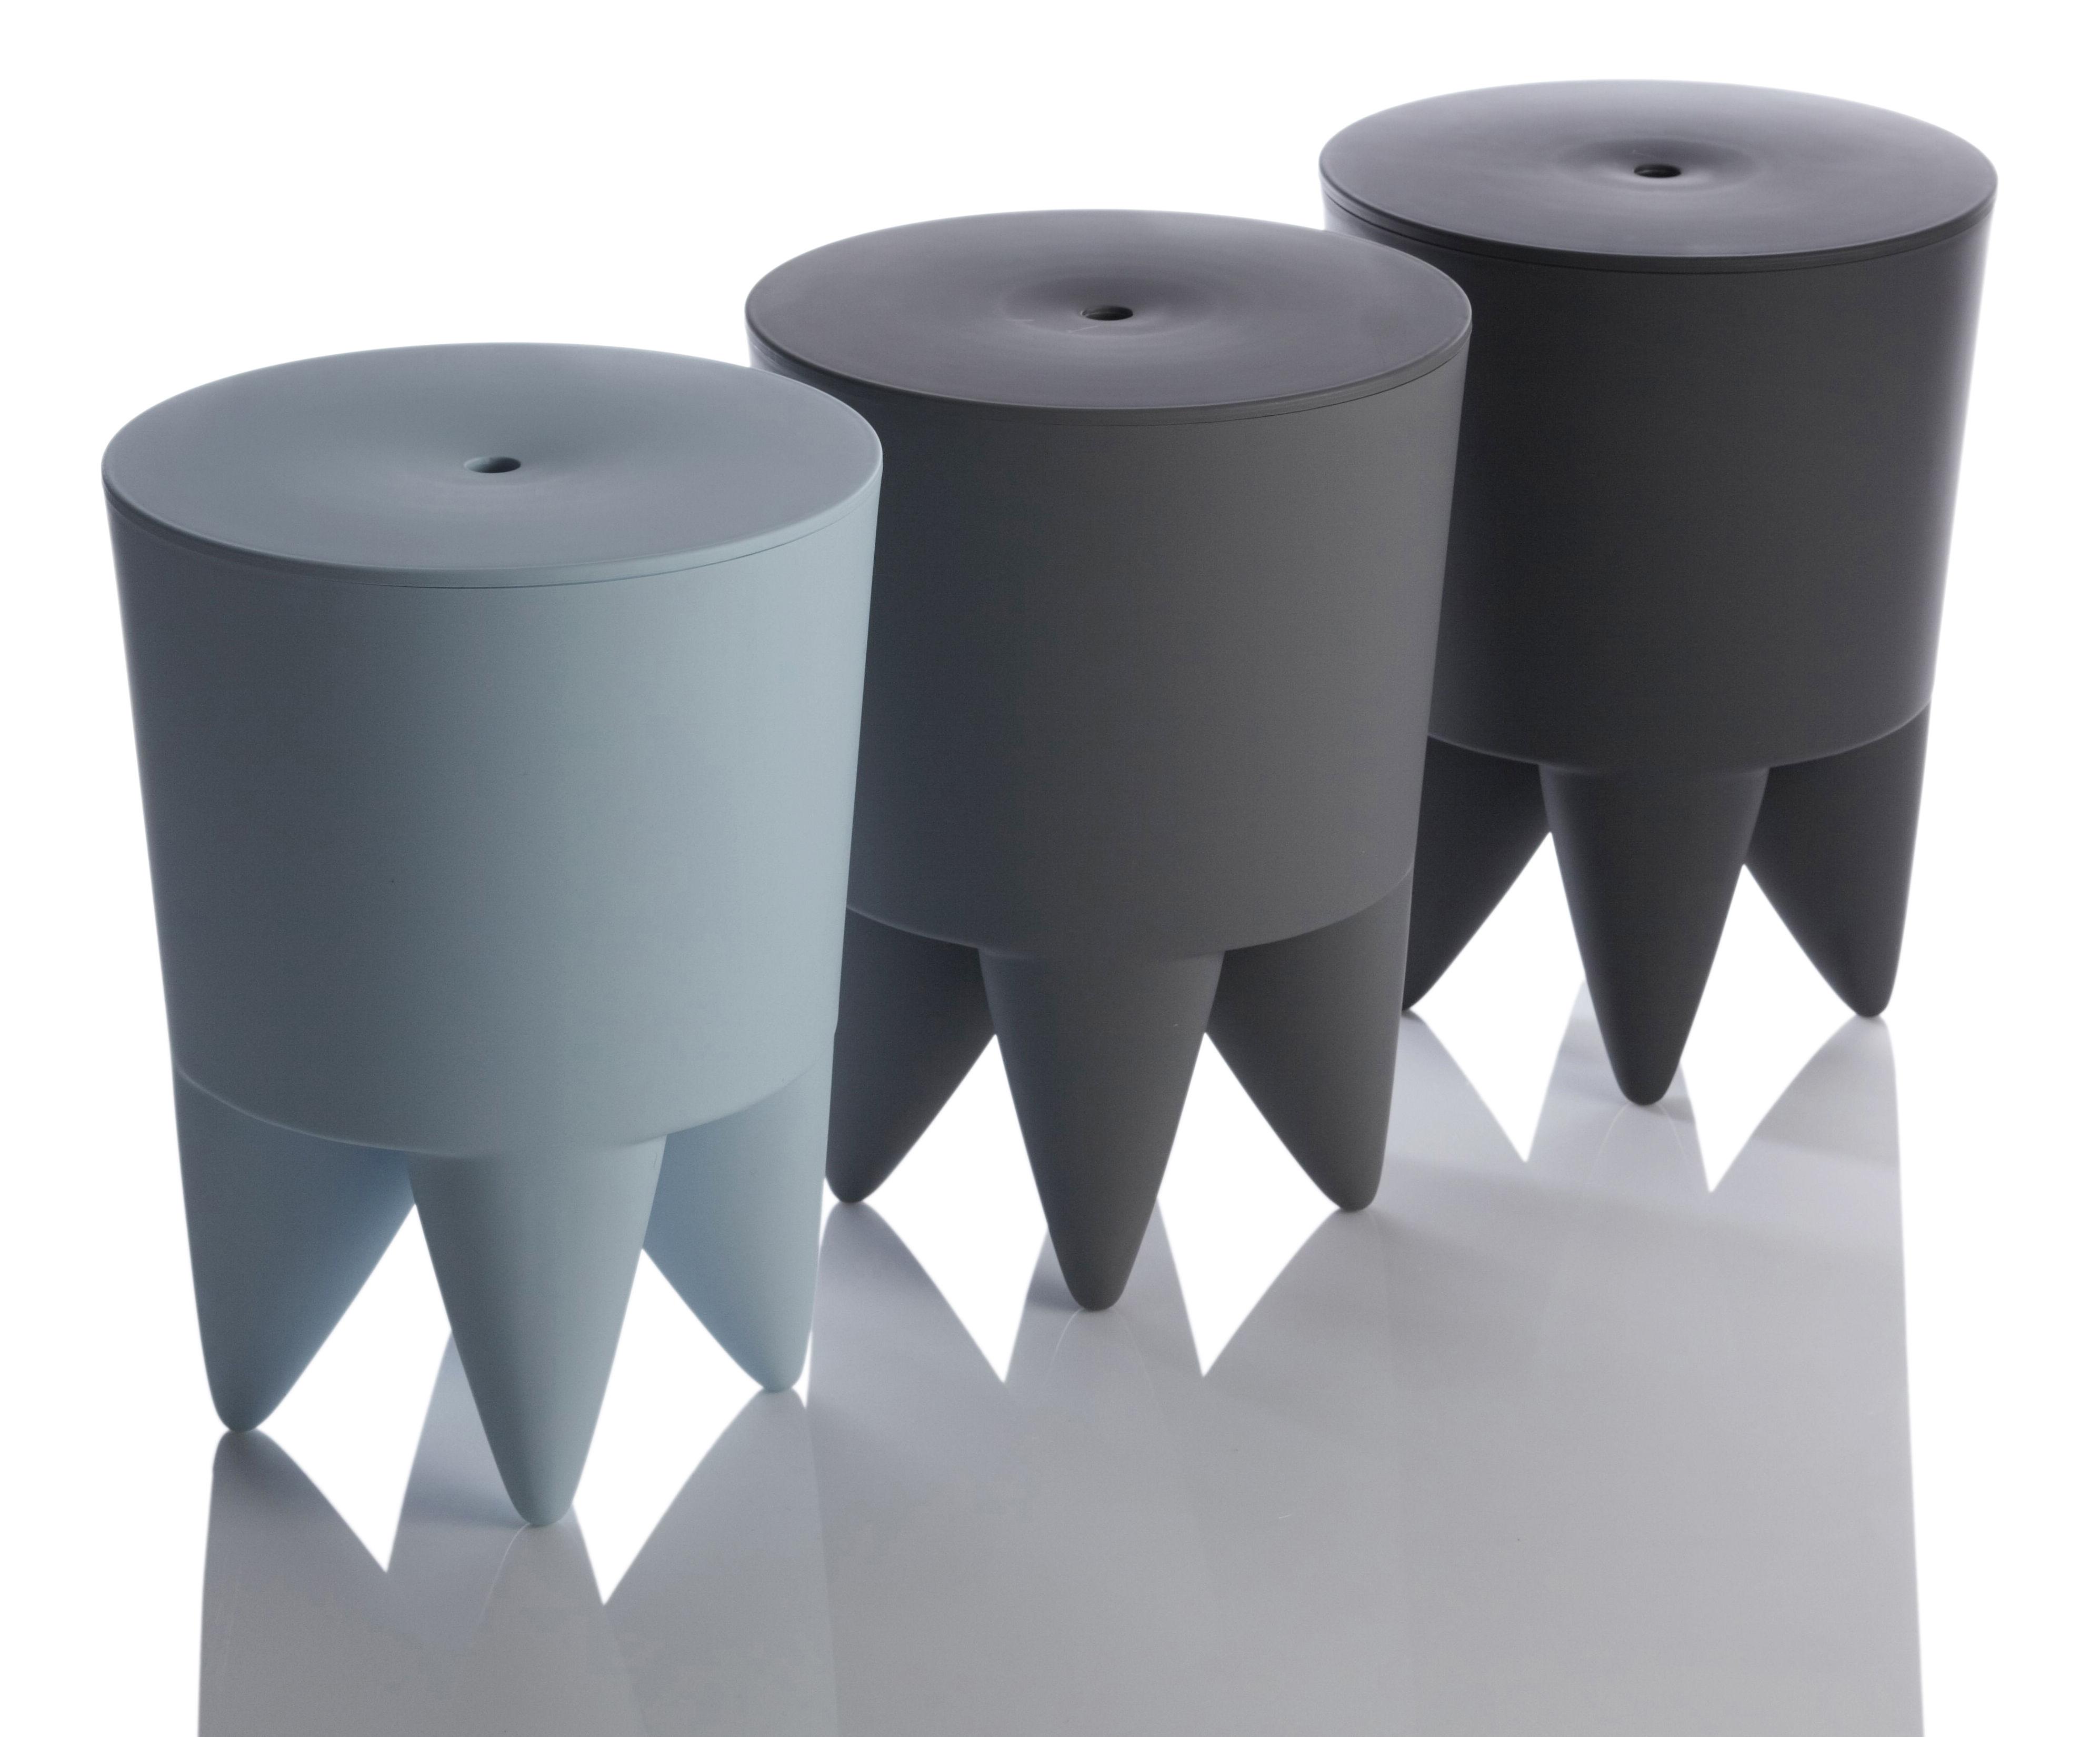 tabouret new bubu 1er coffre plastique gris souris xo made in design. Black Bedroom Furniture Sets. Home Design Ideas